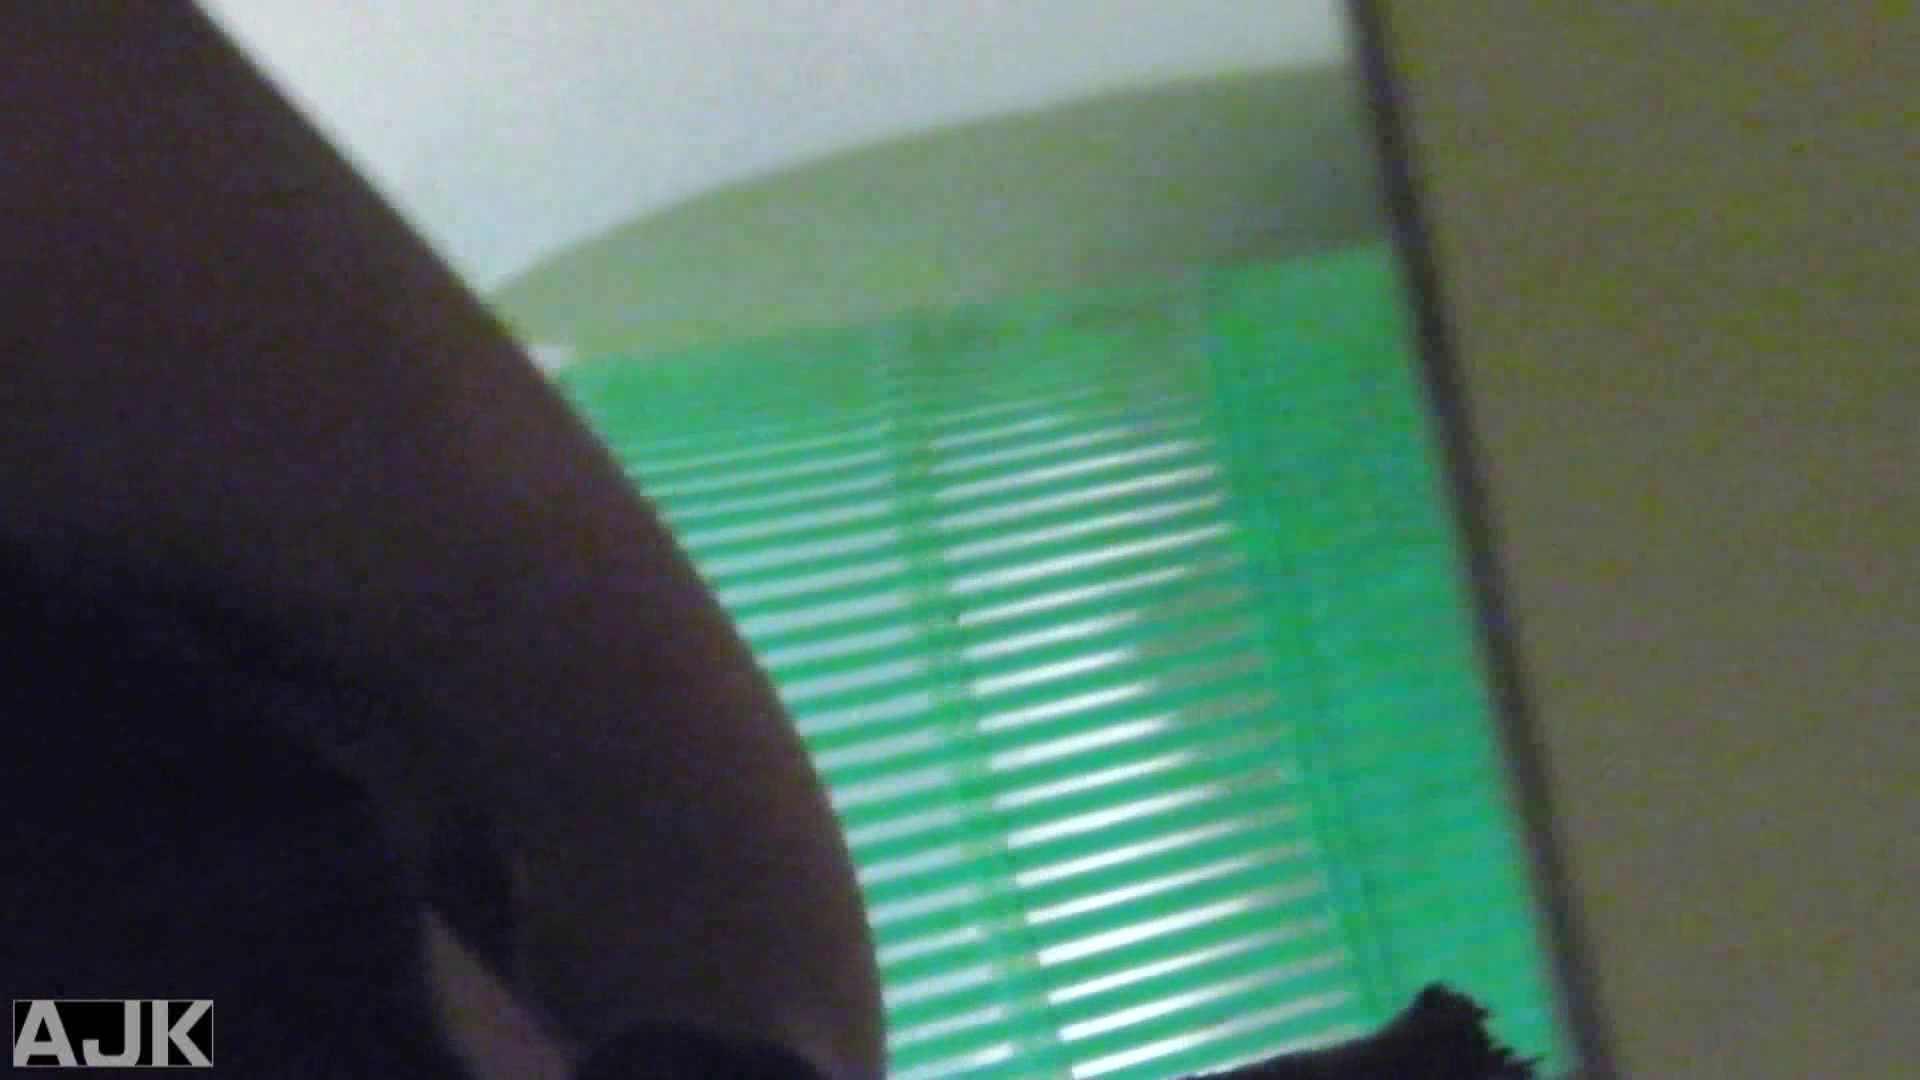 神降臨!史上最強の潜入かわや! vol.01 肛門 覗きオメコ動画キャプチャ 89画像 34